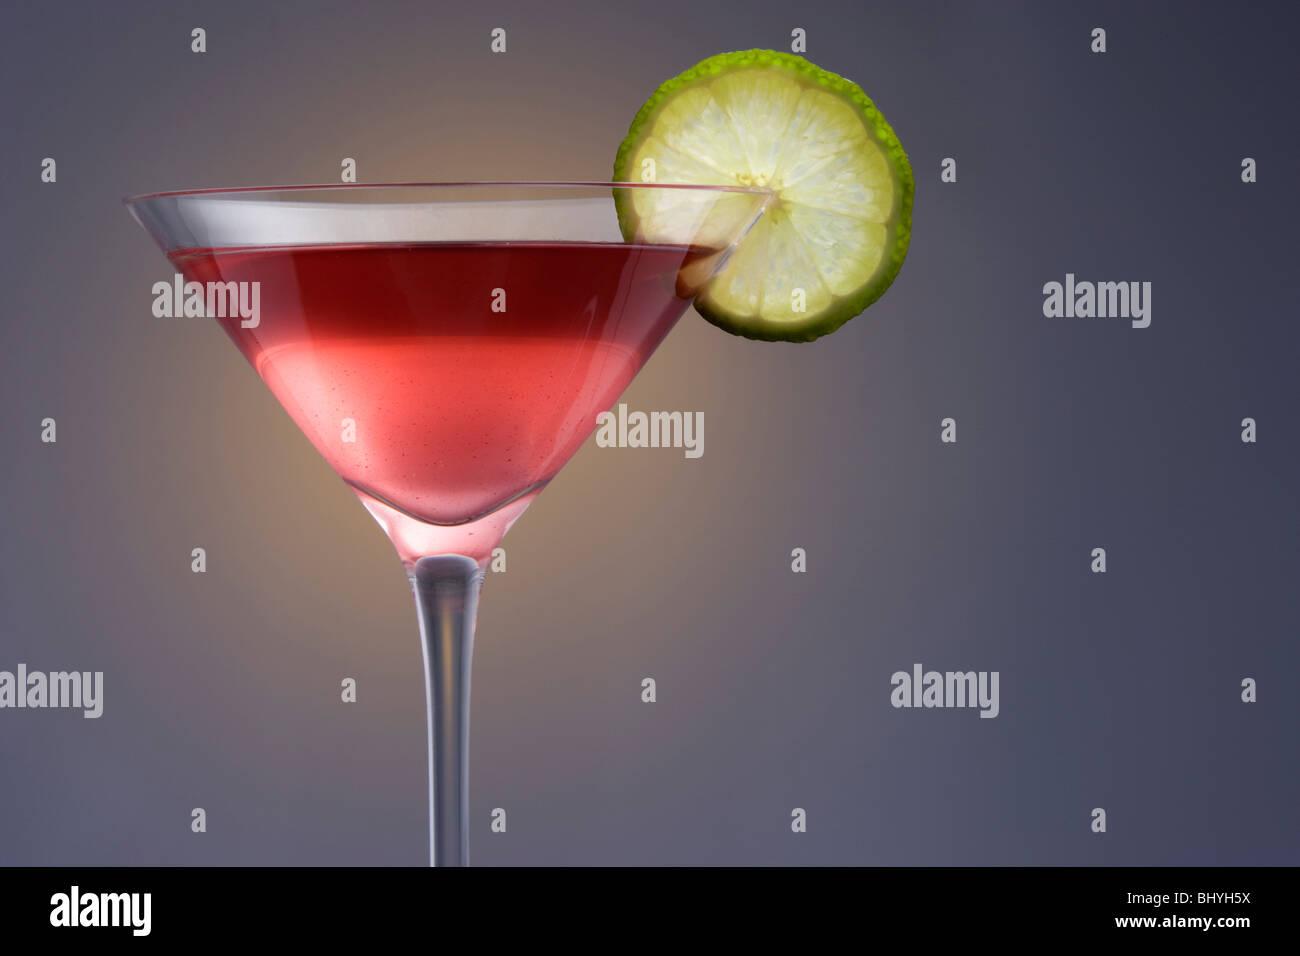 Kosmopolitische Mixgetränk in Martini-Glas auf einem einfarbigen Hintergrund Stockbild